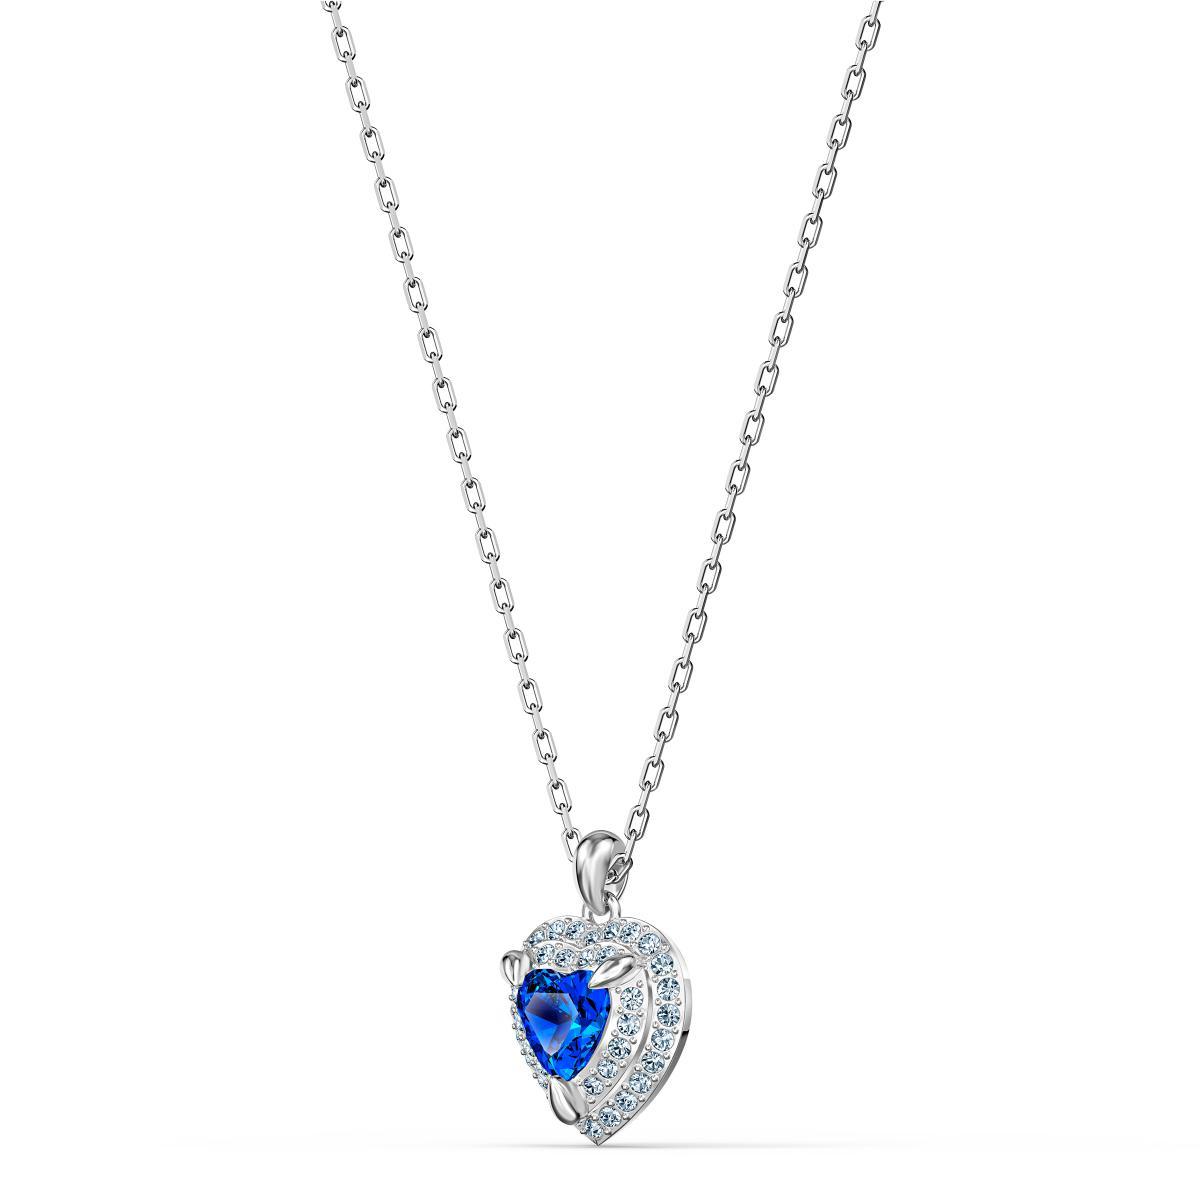 COLLIER Swarovski 5511541 - Collier Métal Argenté Coeur Strass et Cristal  Bleu Femme